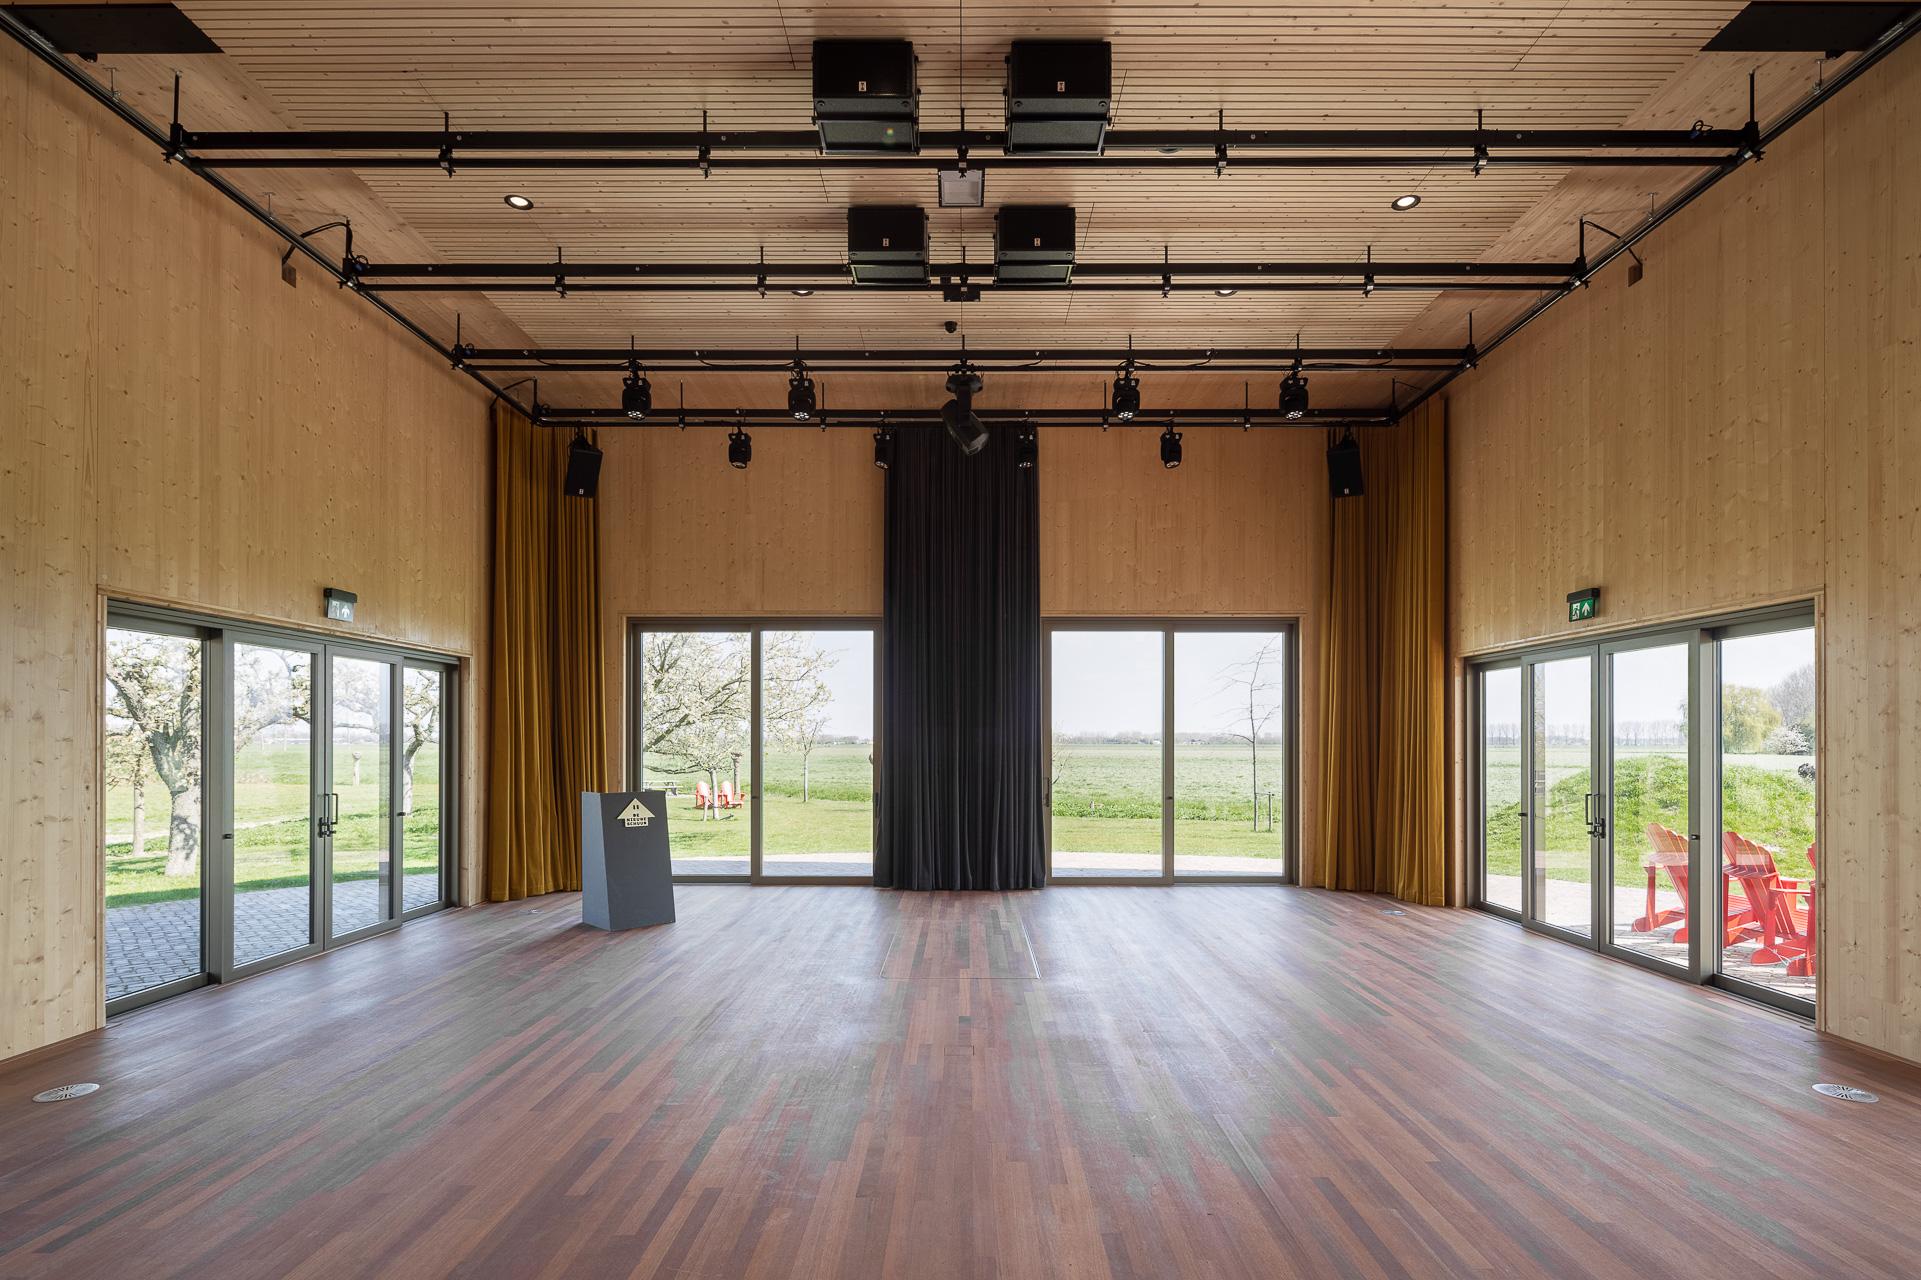 SP2021-Architectuurfotografie-De-Nieuwe-Schuur-Mecanoo-5